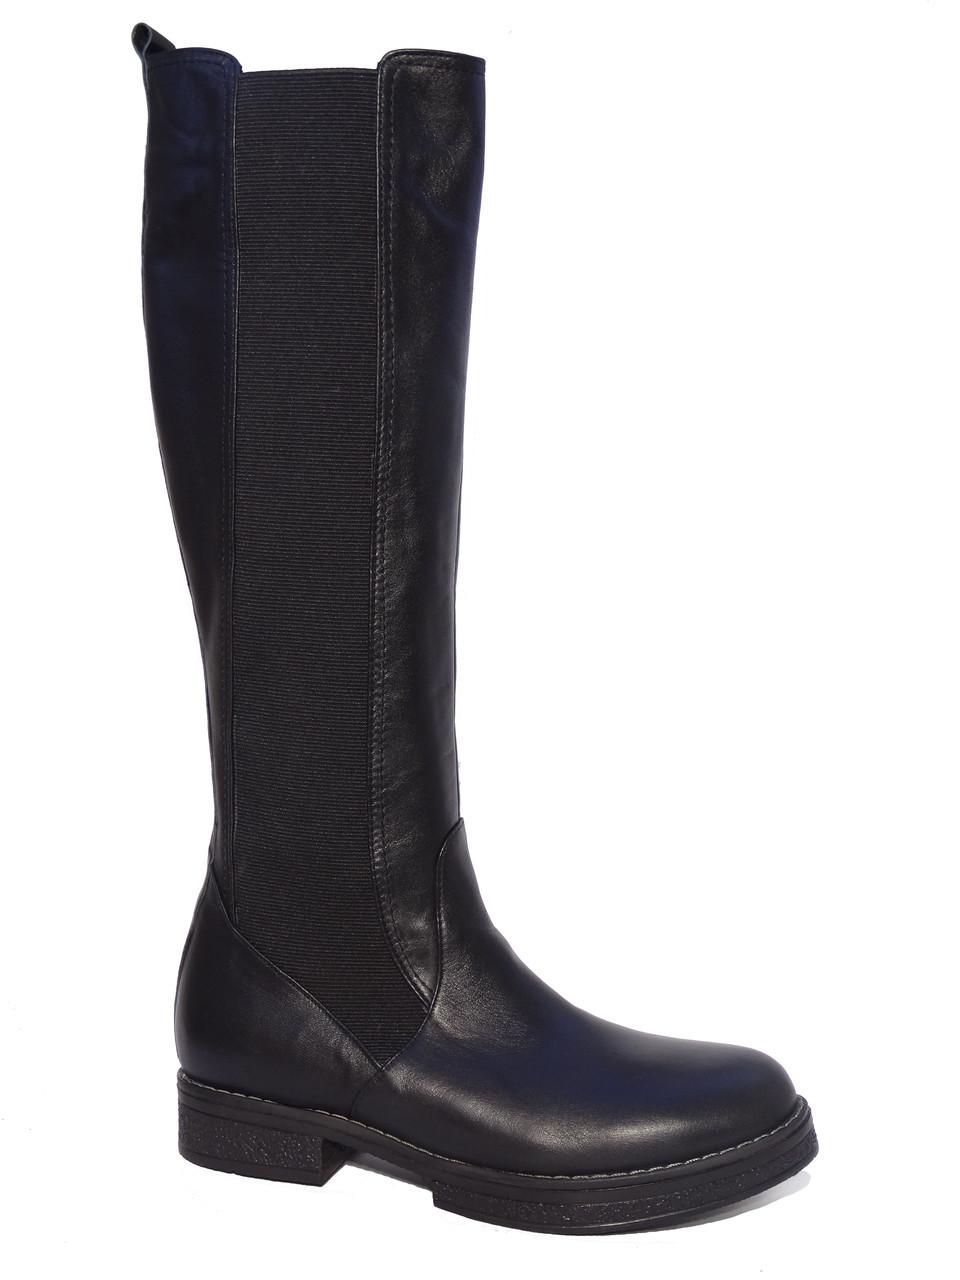 c425a558e557 Женские кожаные зимние сапоги низкий ход Tucino №101-1141: продажа, цена в  Одессе. ...